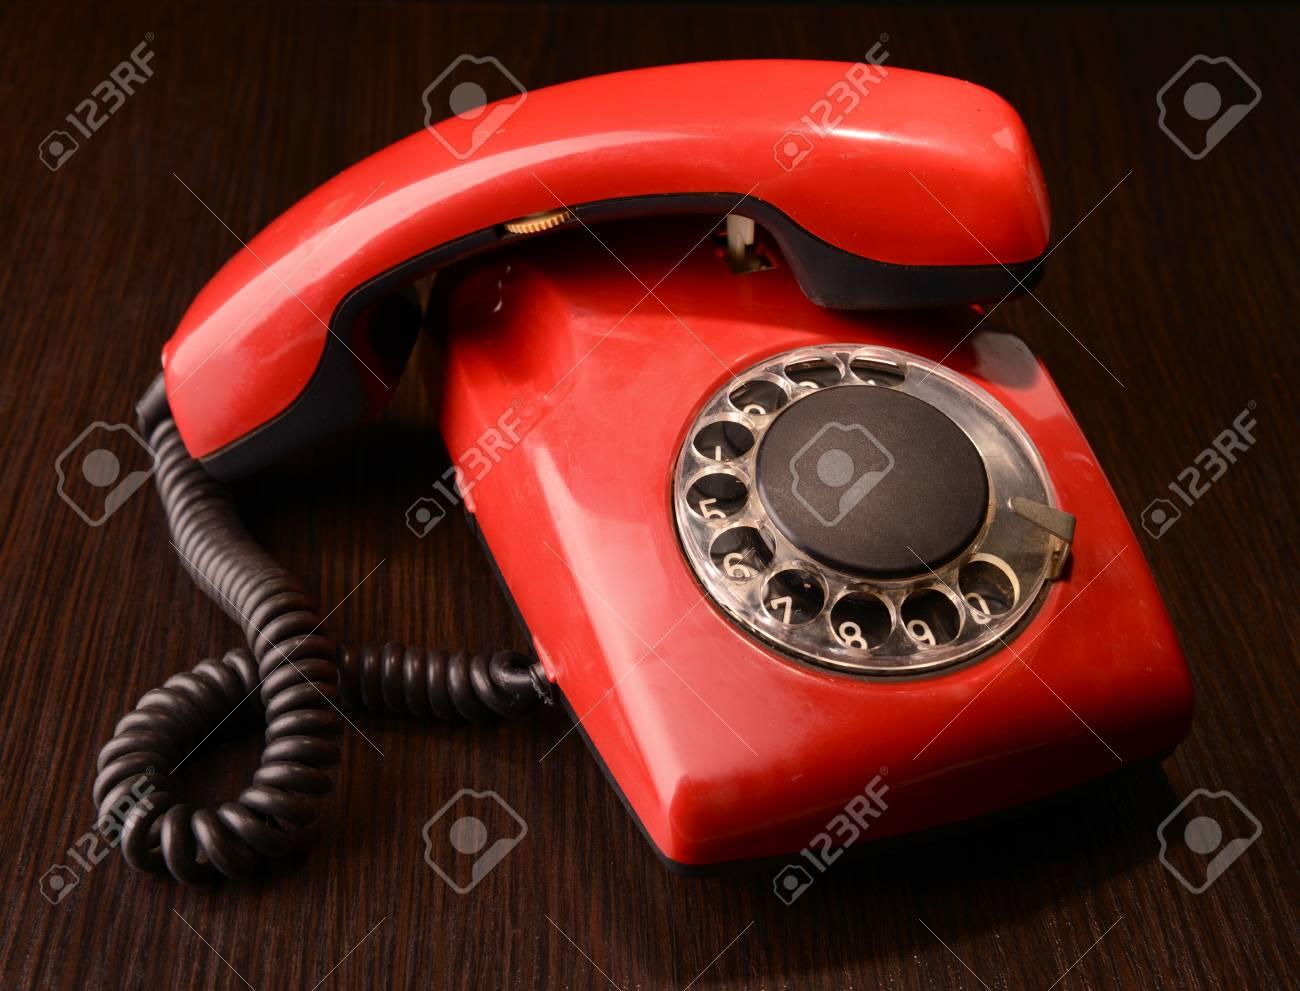 Immagini Stock Red Telefono Retrò Su Sfondo Scuro Image 25383296